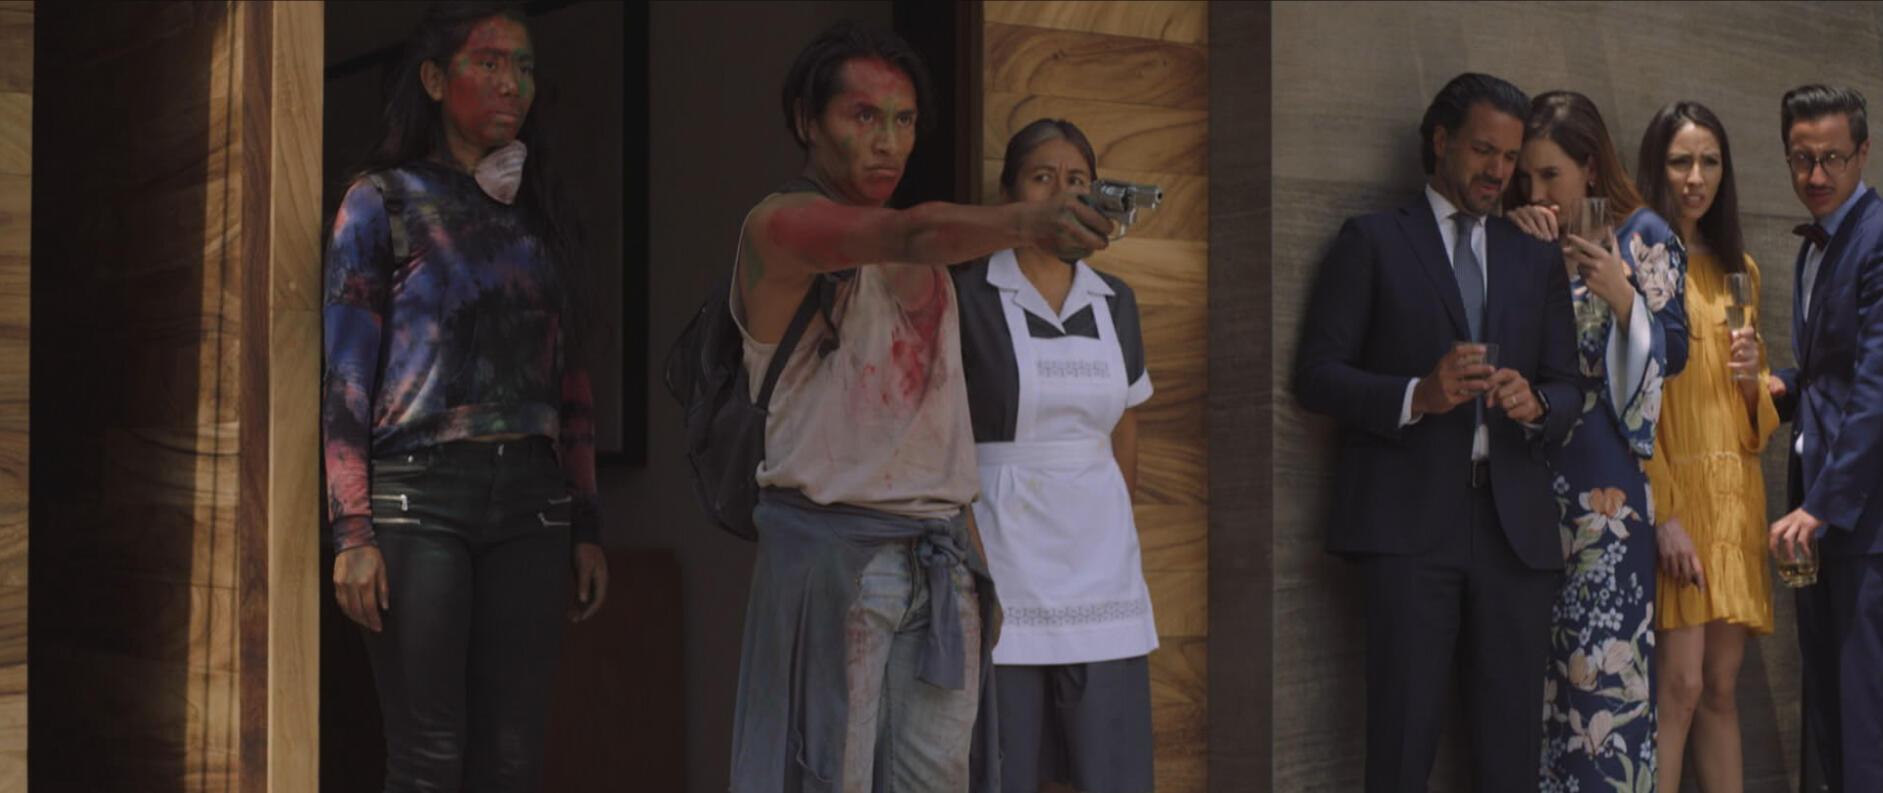 Кадр из фильма. Свадьбу прерывает вторжение агрессивных вооруженных бунтовщиков